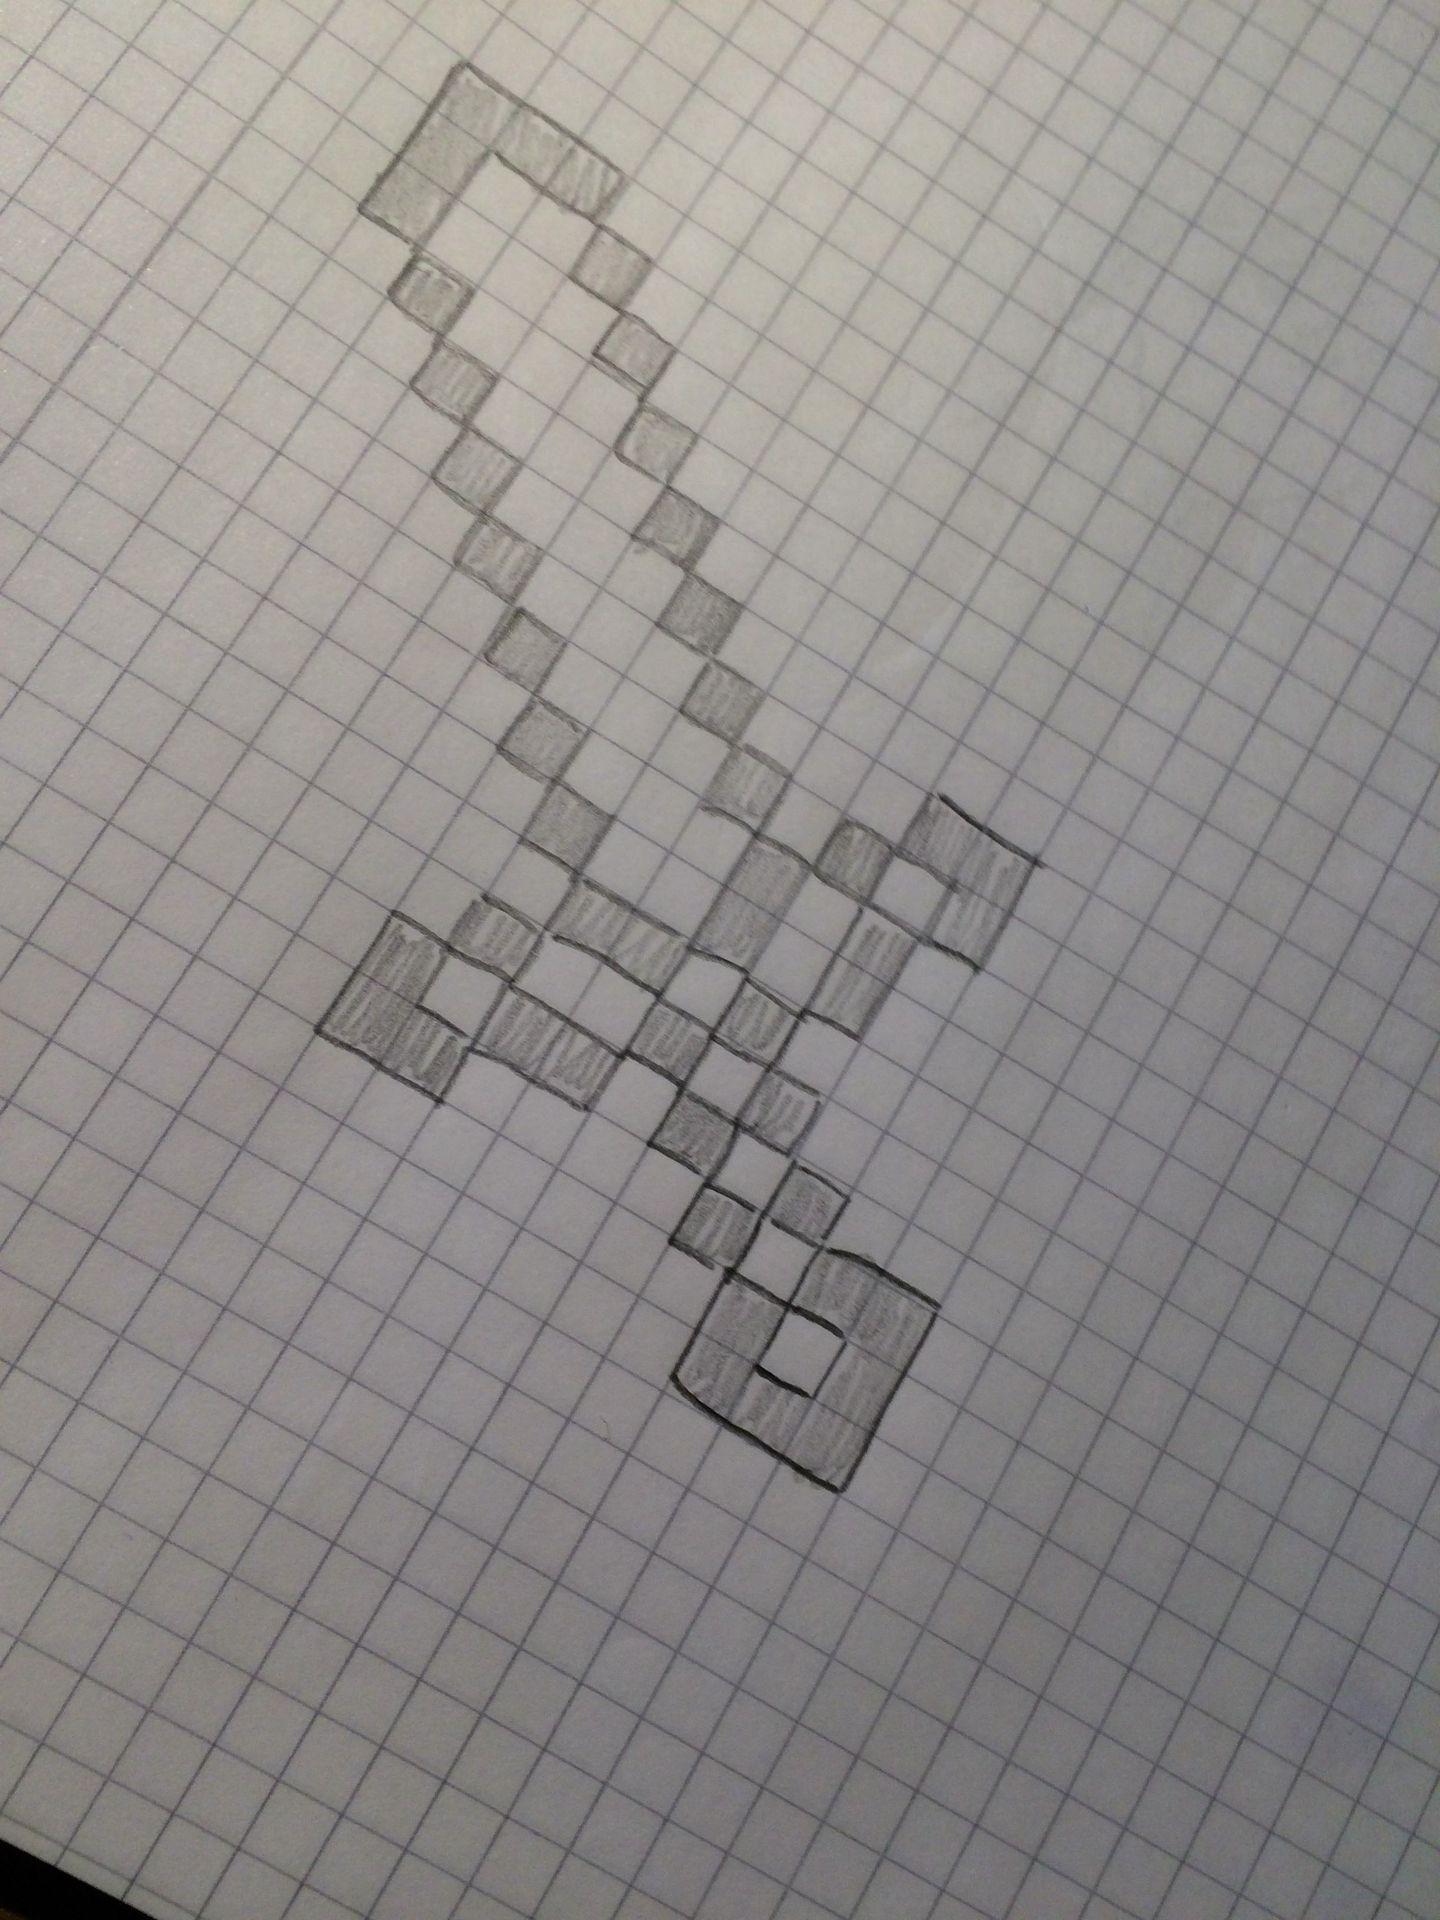 Meine Zeichnungen Minecraft Schwert Wattpad - Minecraft hauser zeichnen